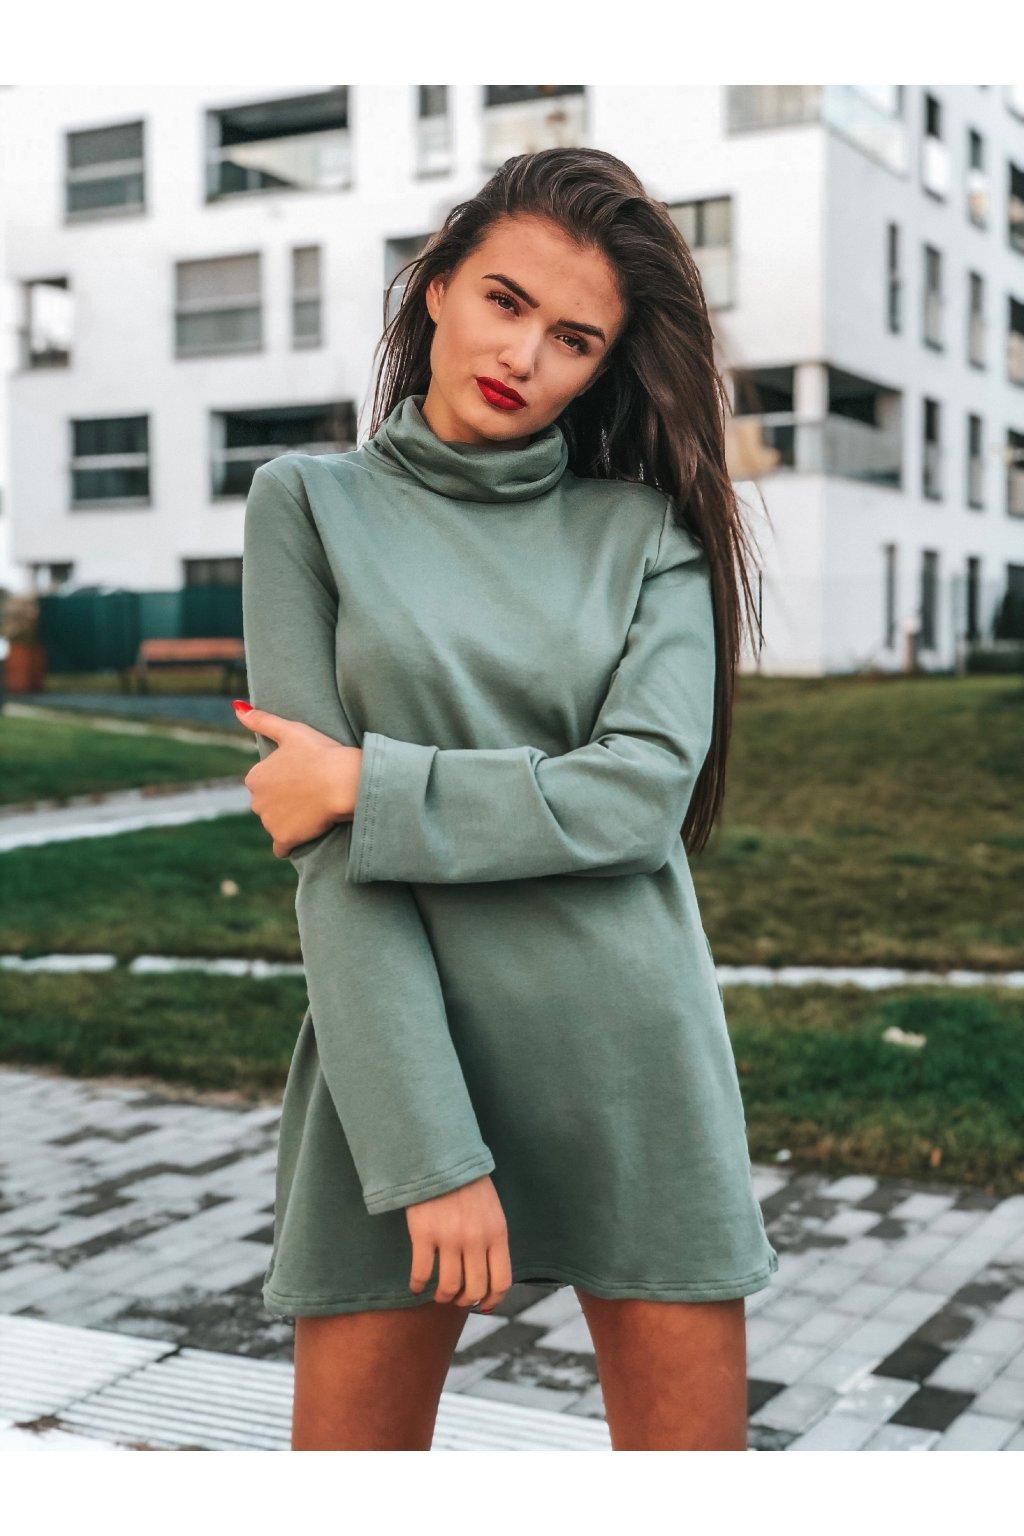 damske rolakove saty sofia pastel green eshopat cz 1